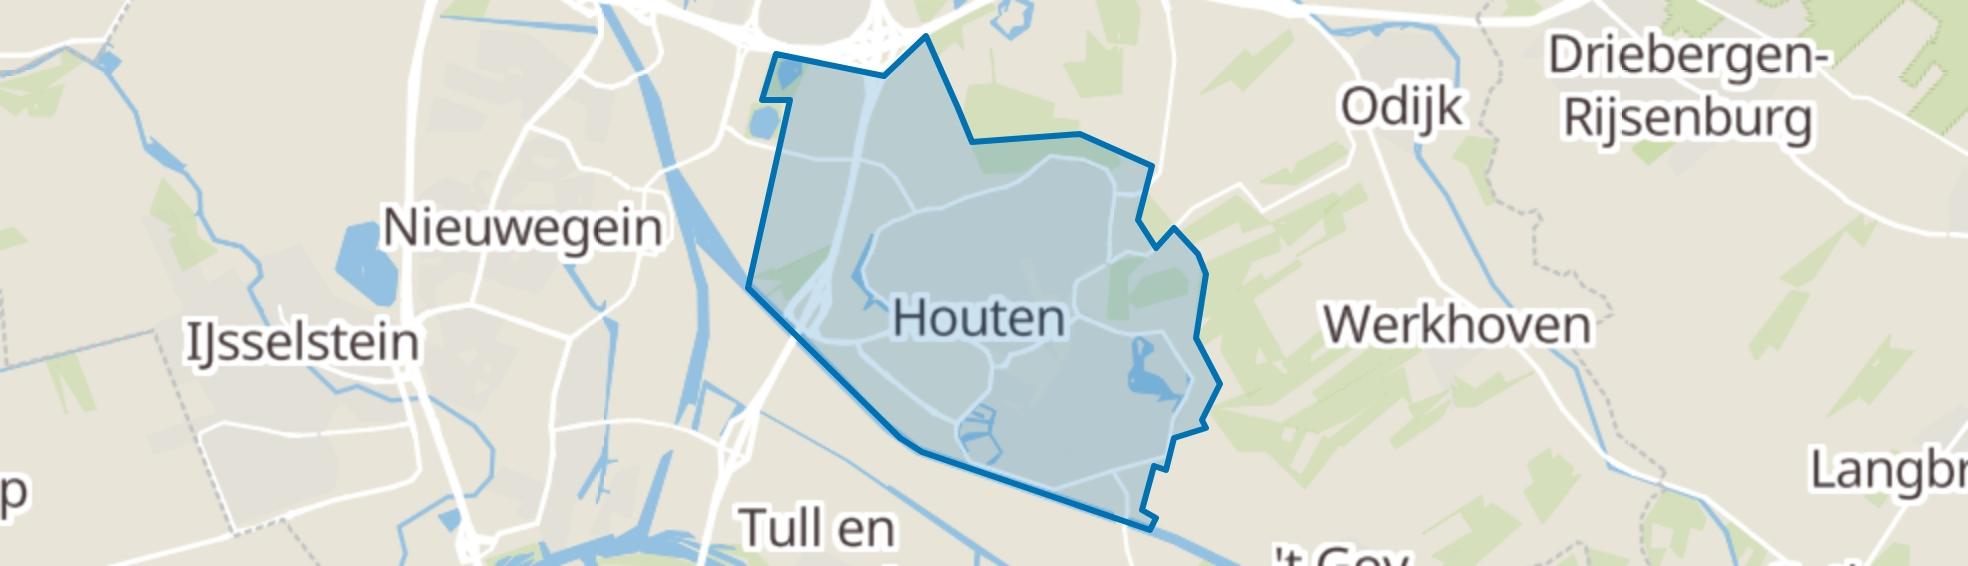 Houten map